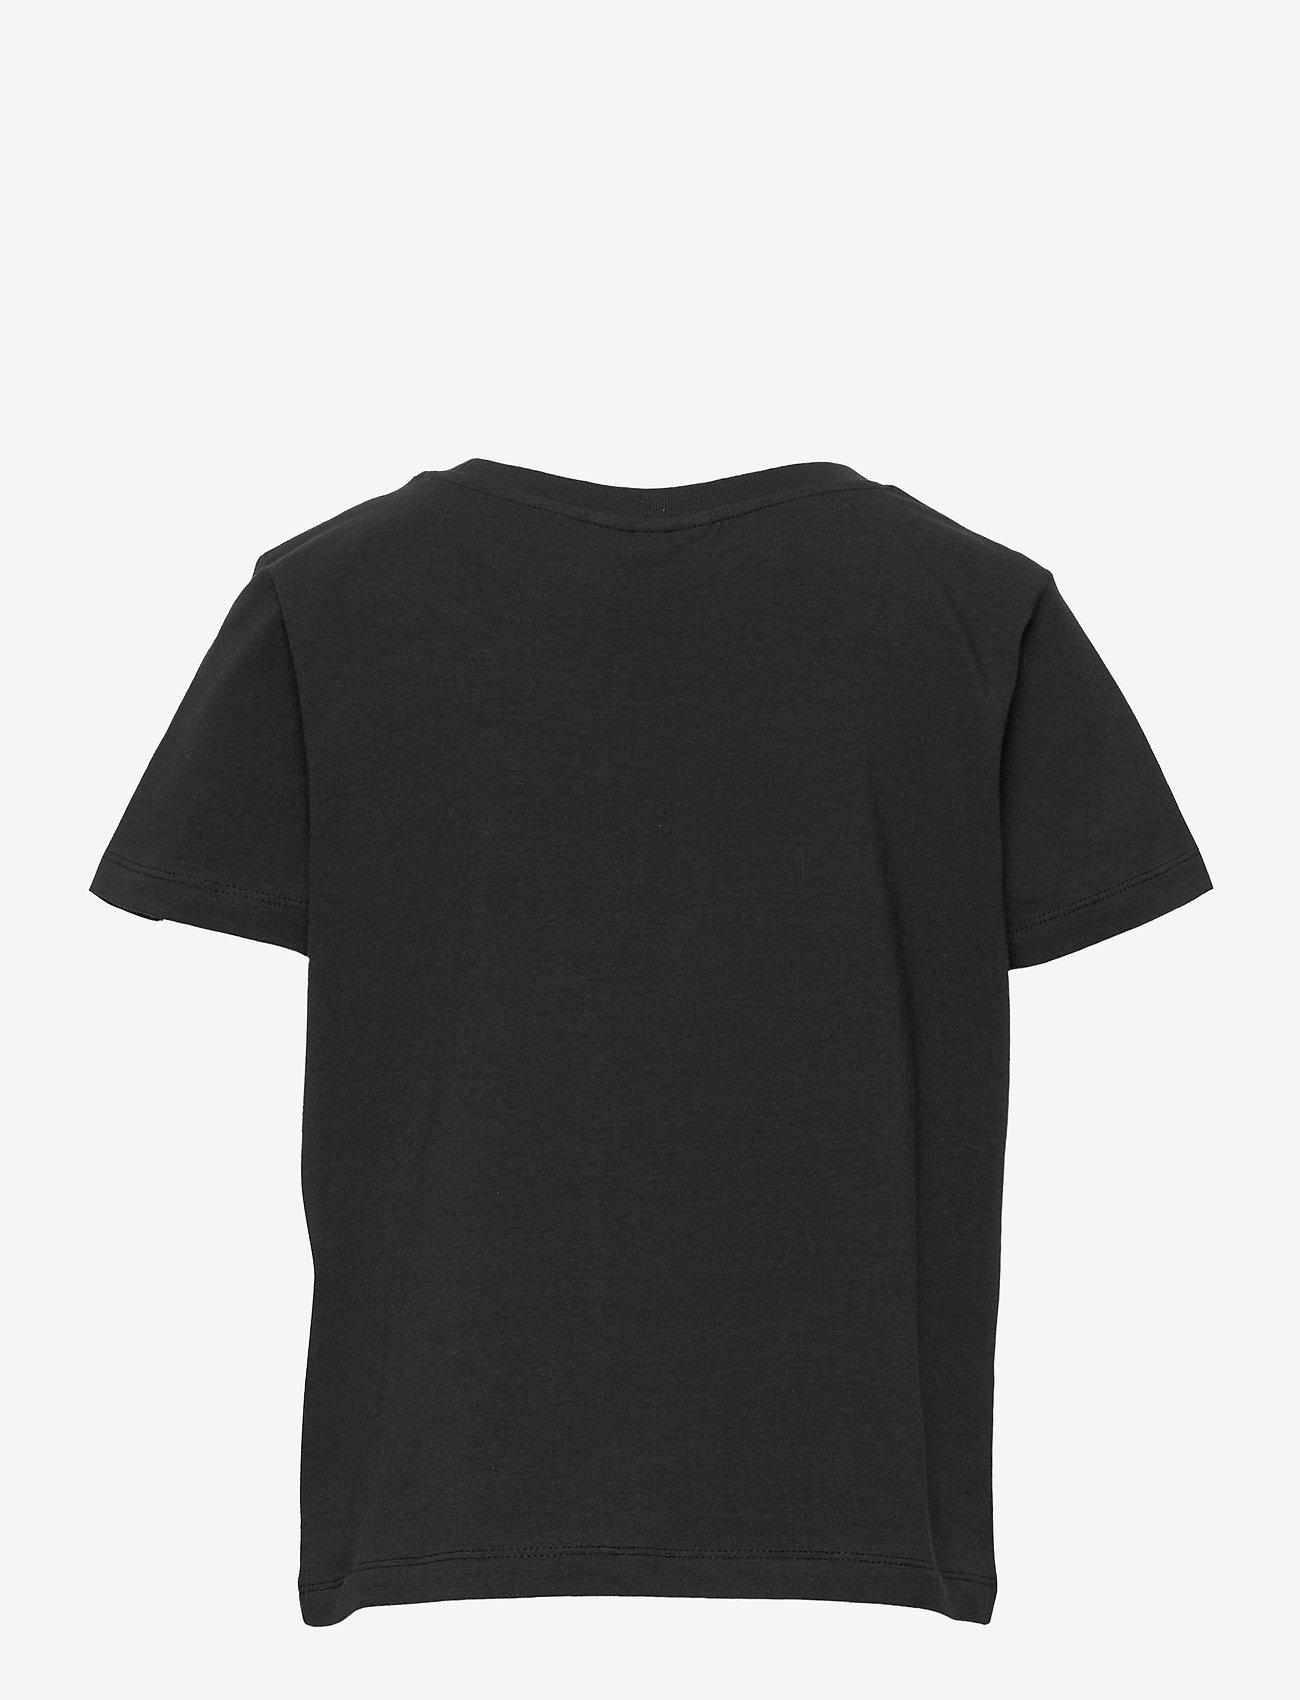 LMTD - NLFOPALLI SS S TOP - t-shirts - black - 1